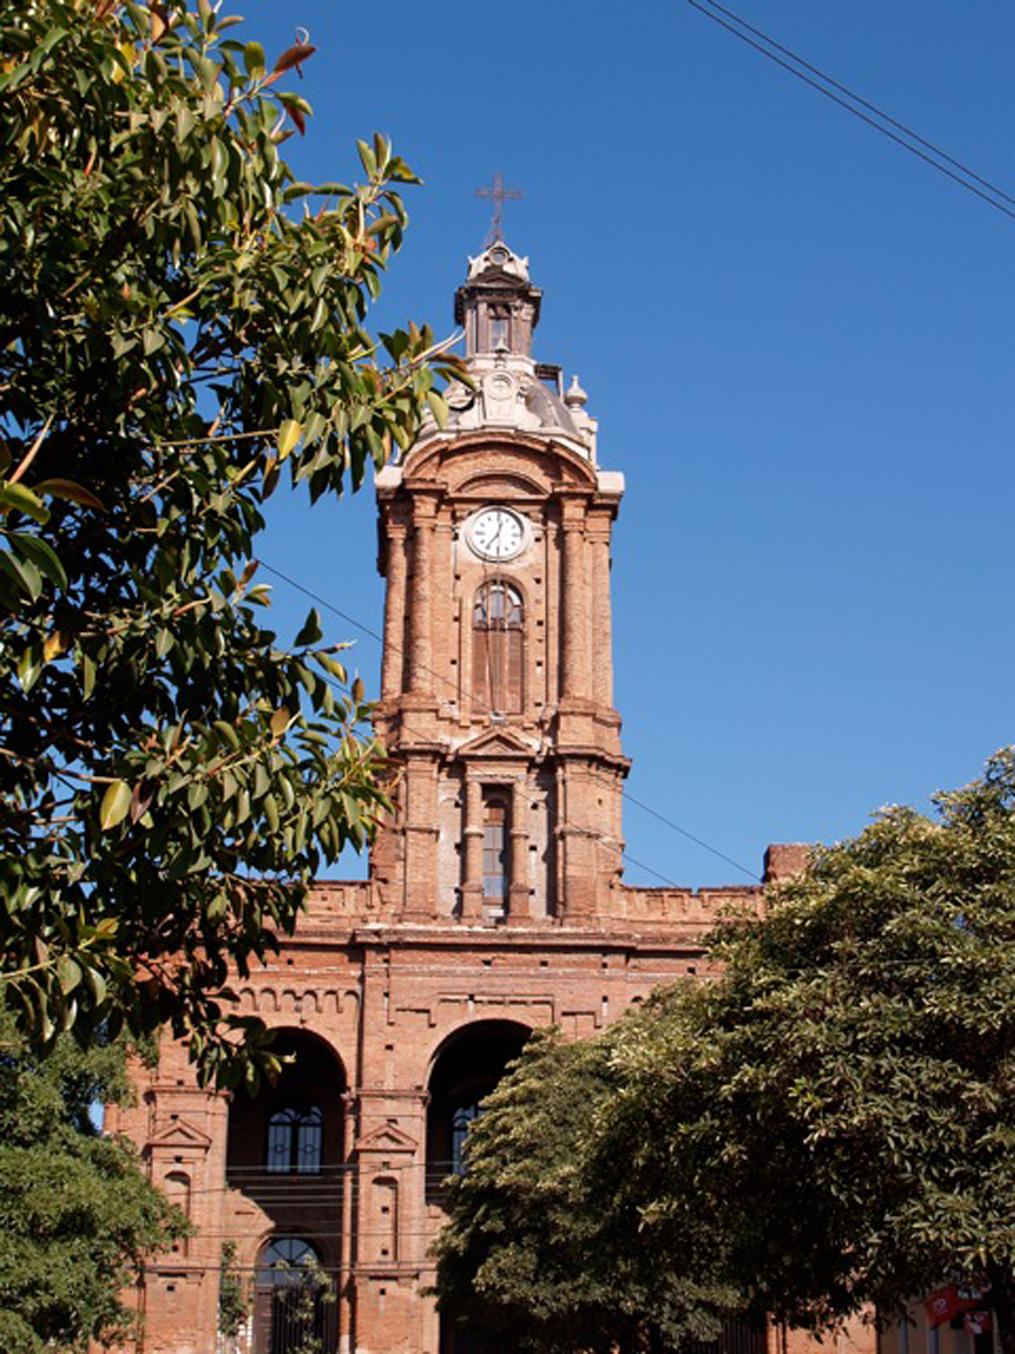 Enterreno - Fotos históricas de chile - fotos antiguas de Chile - Iglesia de San Francisco, Valparaíso en 1998